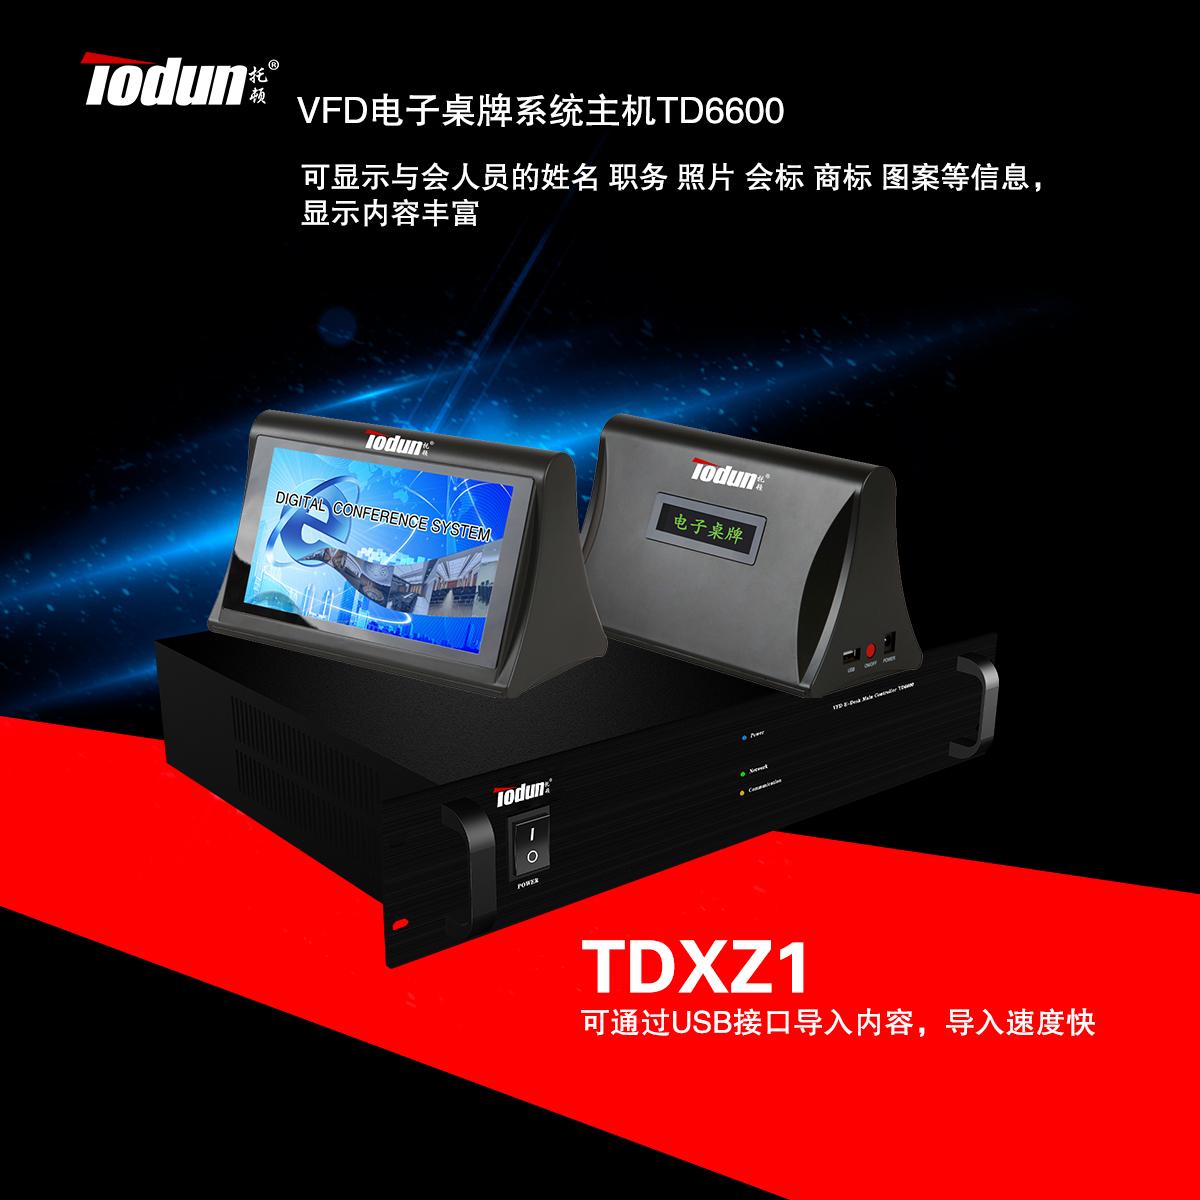 TFT独立电子桌牌会议系统品牌托顿TDXZ1 智能电子桌牌系统可编写内容